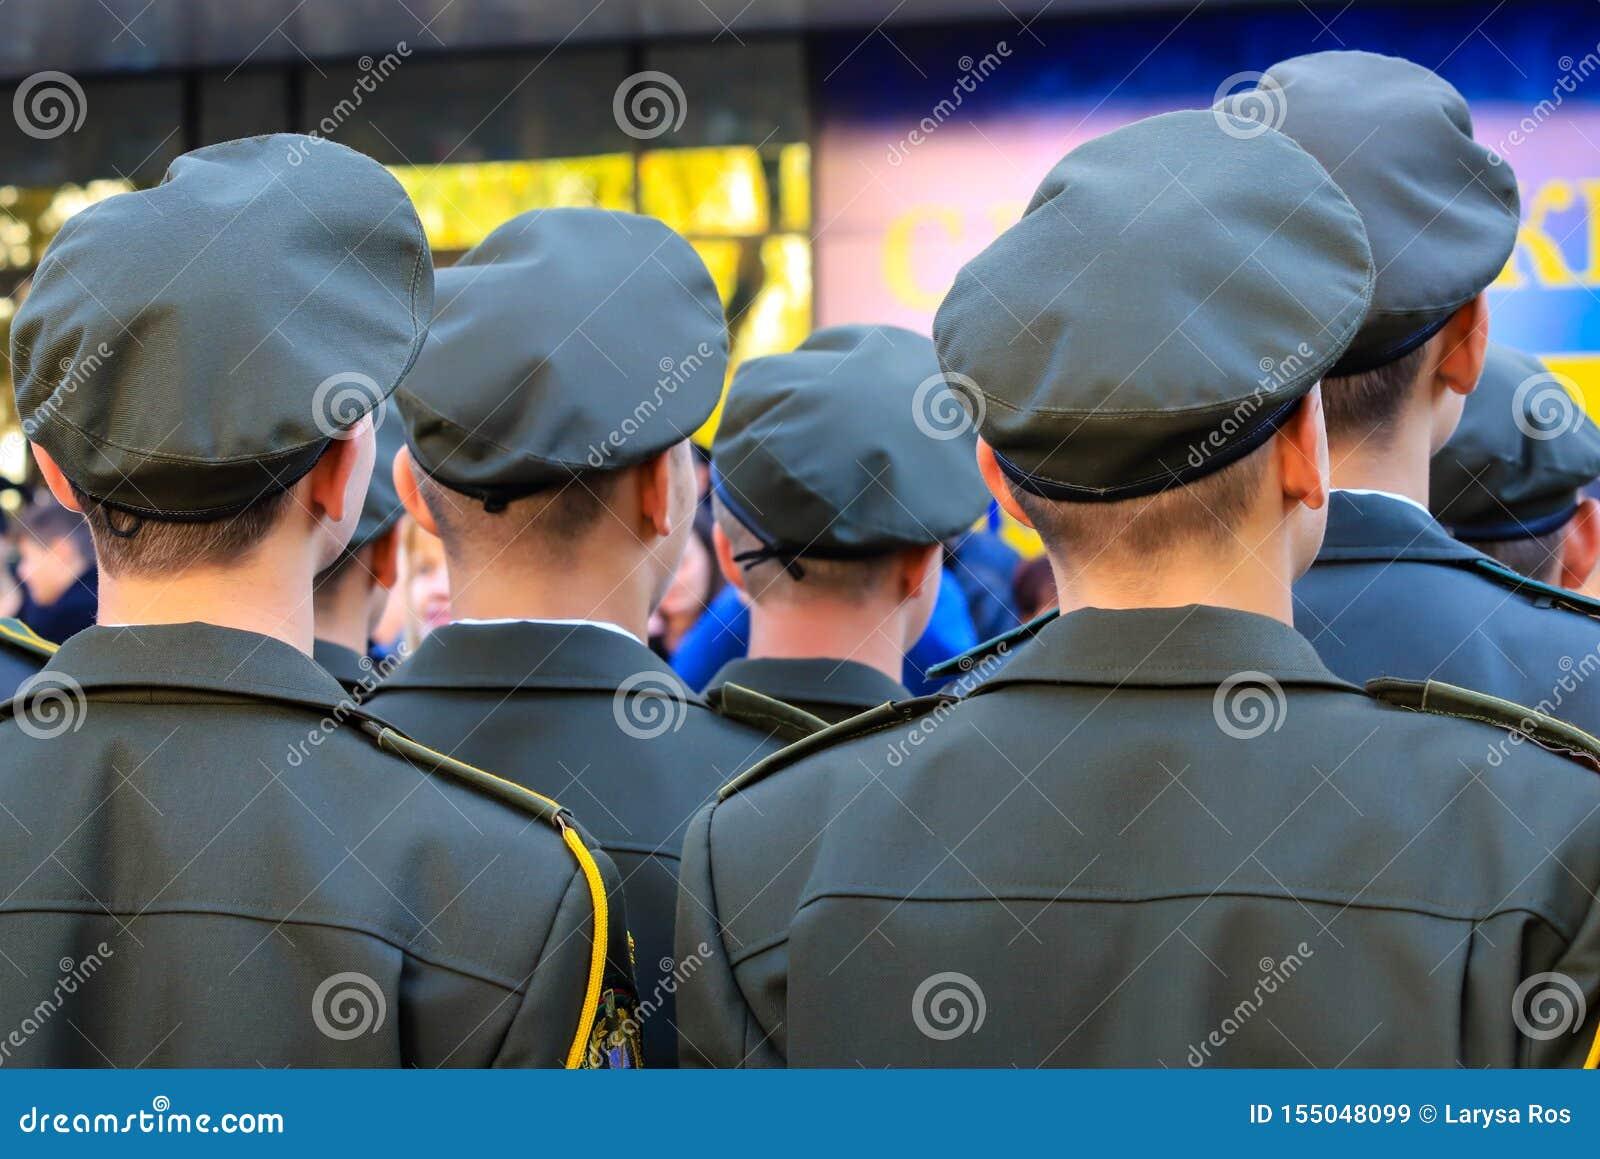 Soldados del ejército ucraniano durante el desfile El ejército de Ucrania, las fuerzas armadas de Ucrania, guerra ucraniana